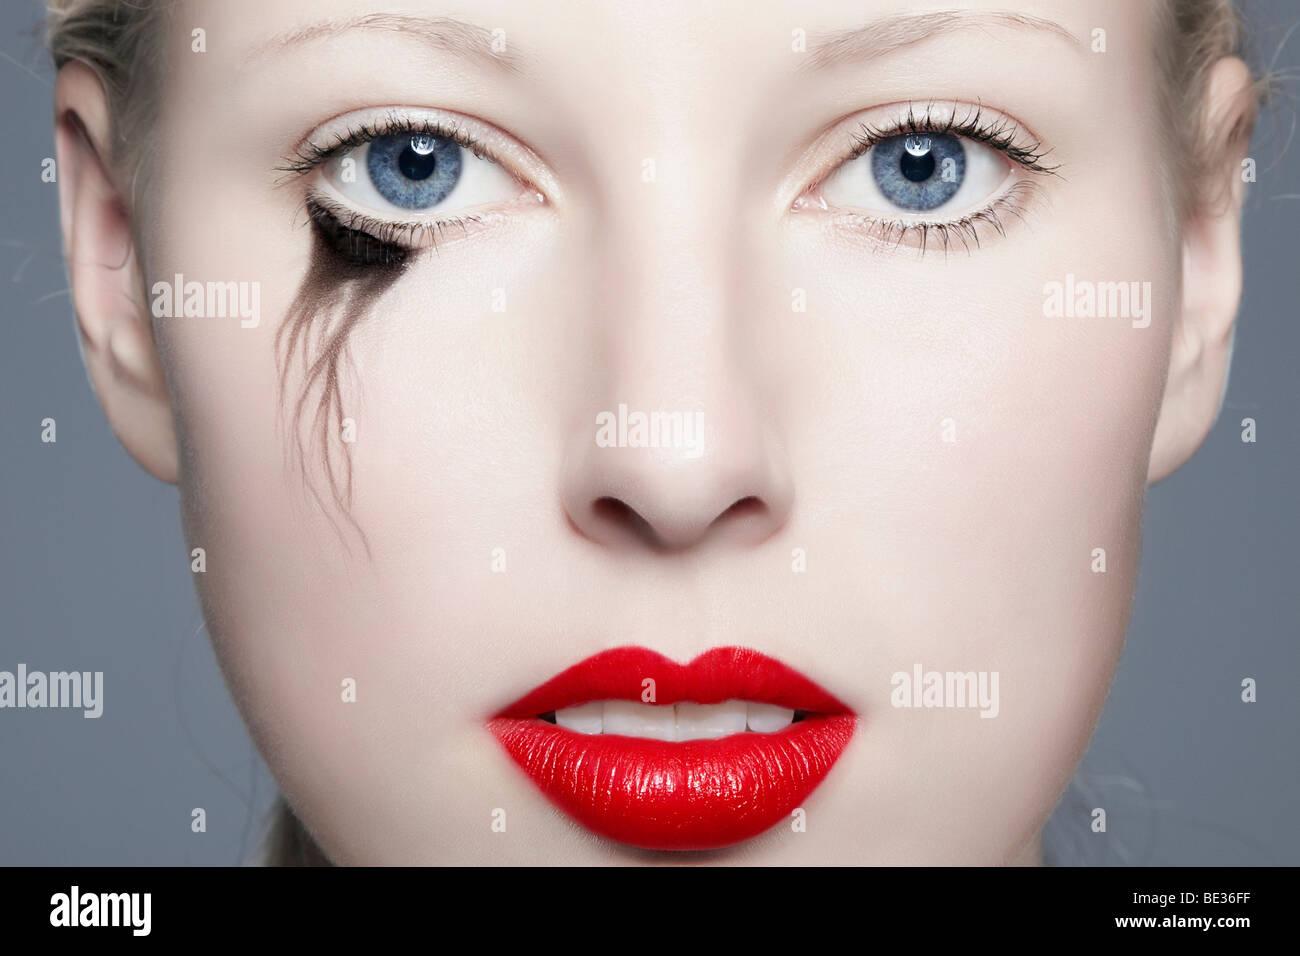 Porträt einer jungen blonden Frau mit verschmierten Eyeliner mit Blick auf den Betrachter, unvollkommen, Schönheit Stockbild